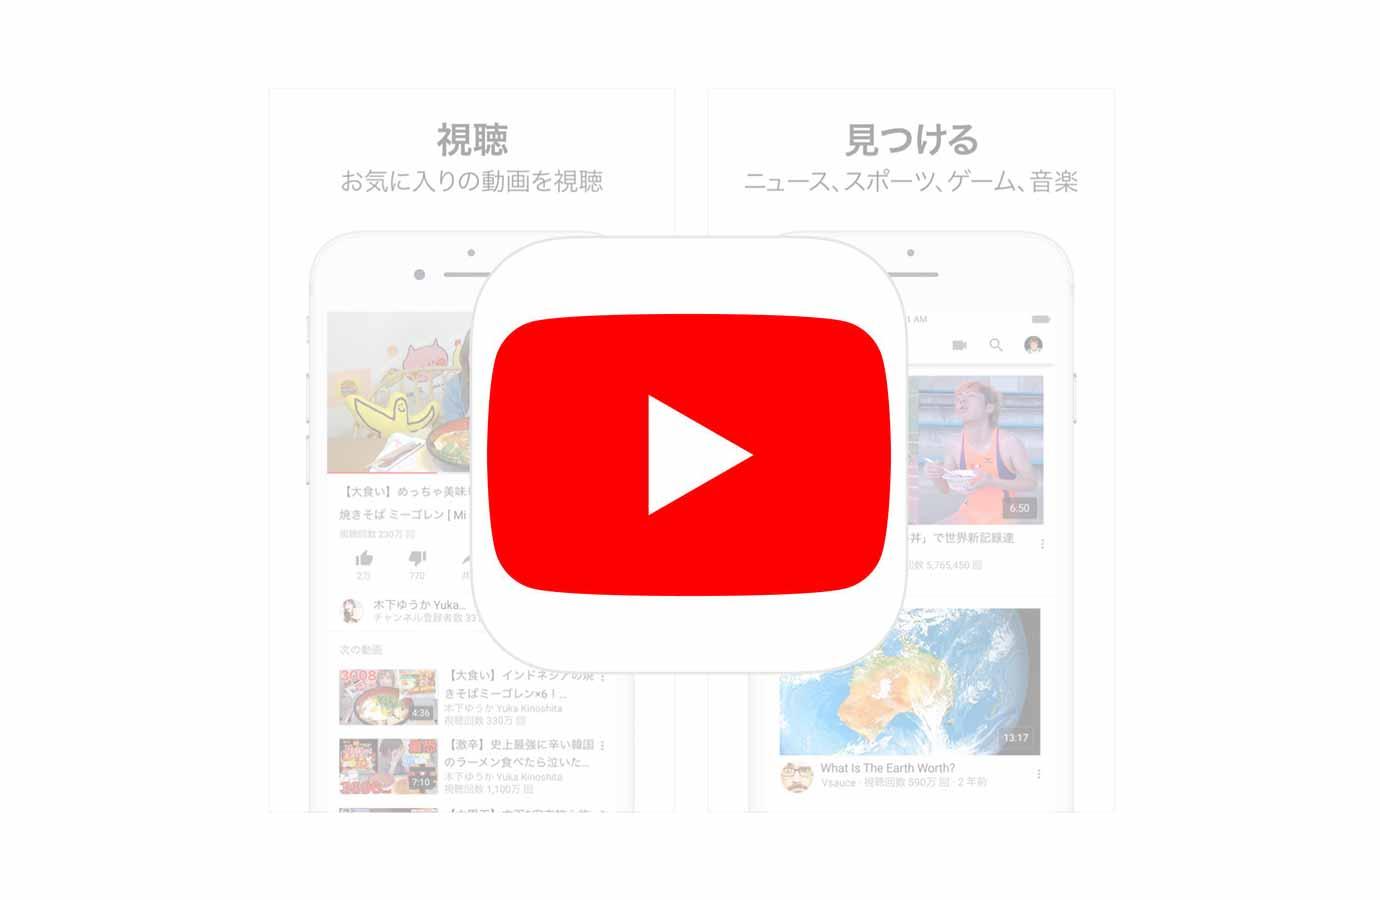 YouTube、ロゴのデザインを刷新し再生速度が変更できるようになったiOSアプリ「YouTube 12.33」リリース